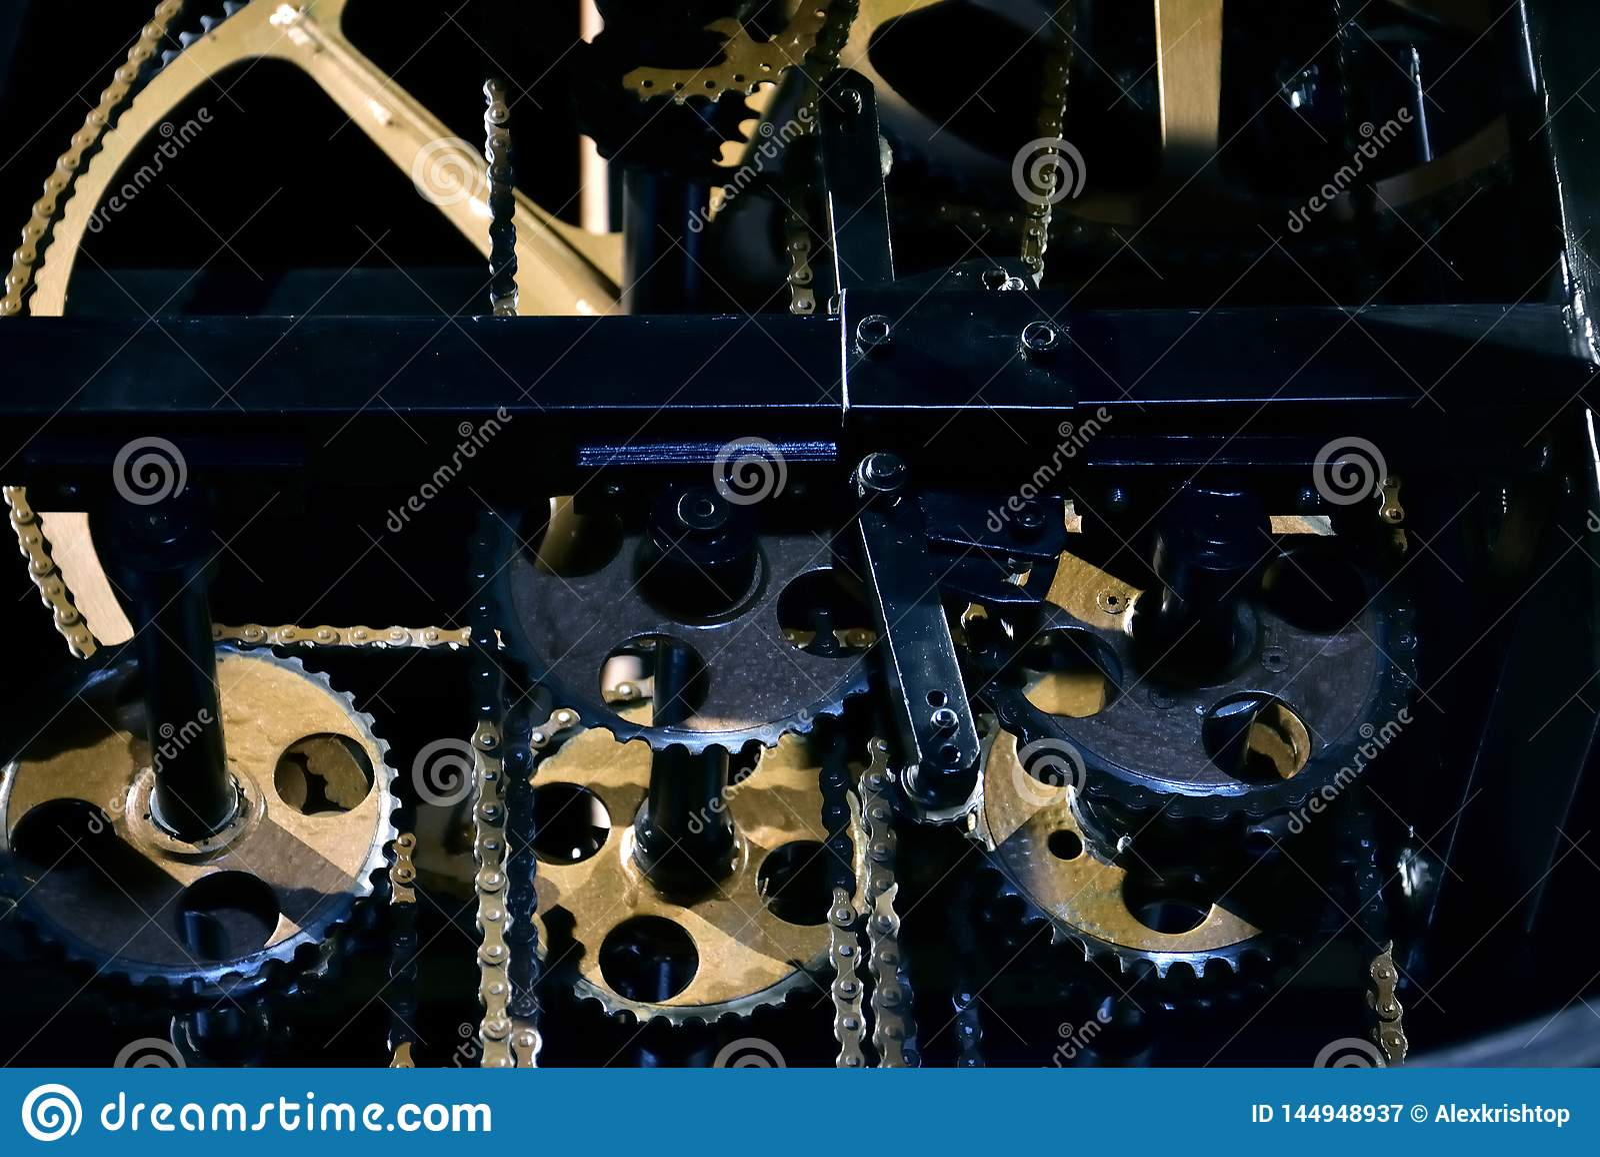 W górę otwartego mechanizmu rocznika zegar z złotymi przekładni kołami, łańcuchami i